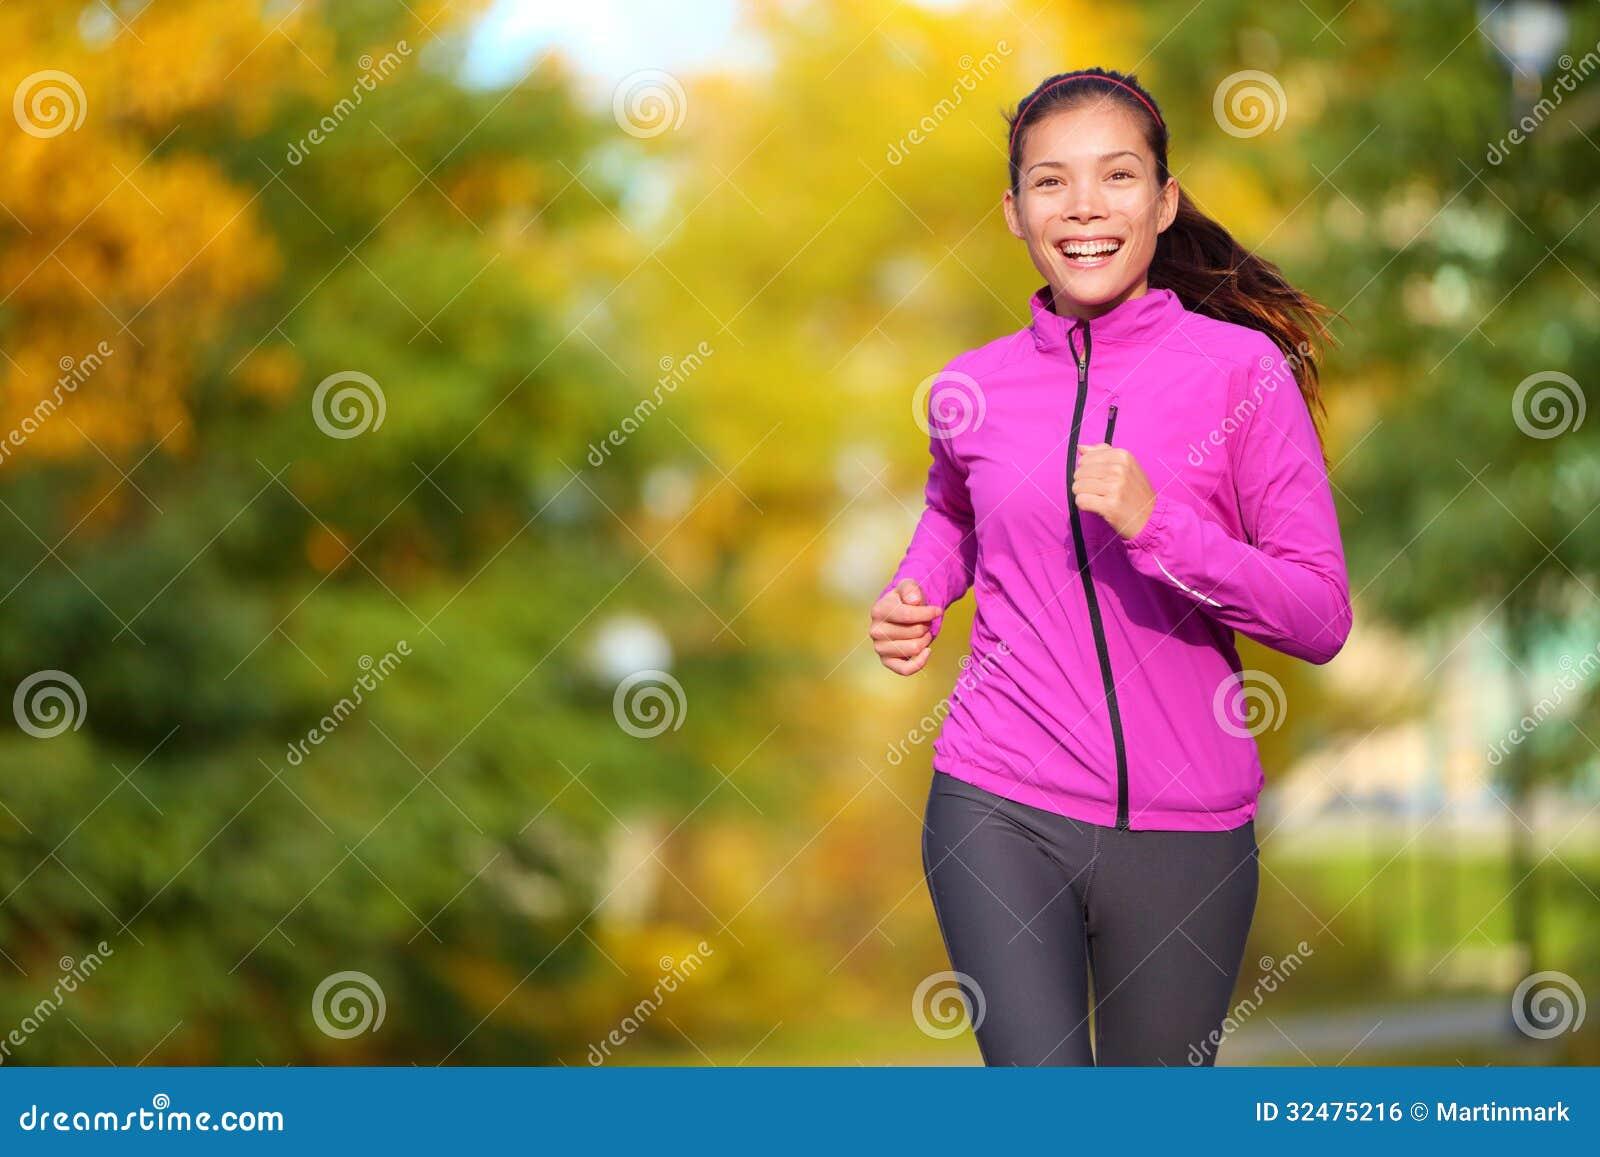 Żeński jogger - młoda kobieta jogging w parku